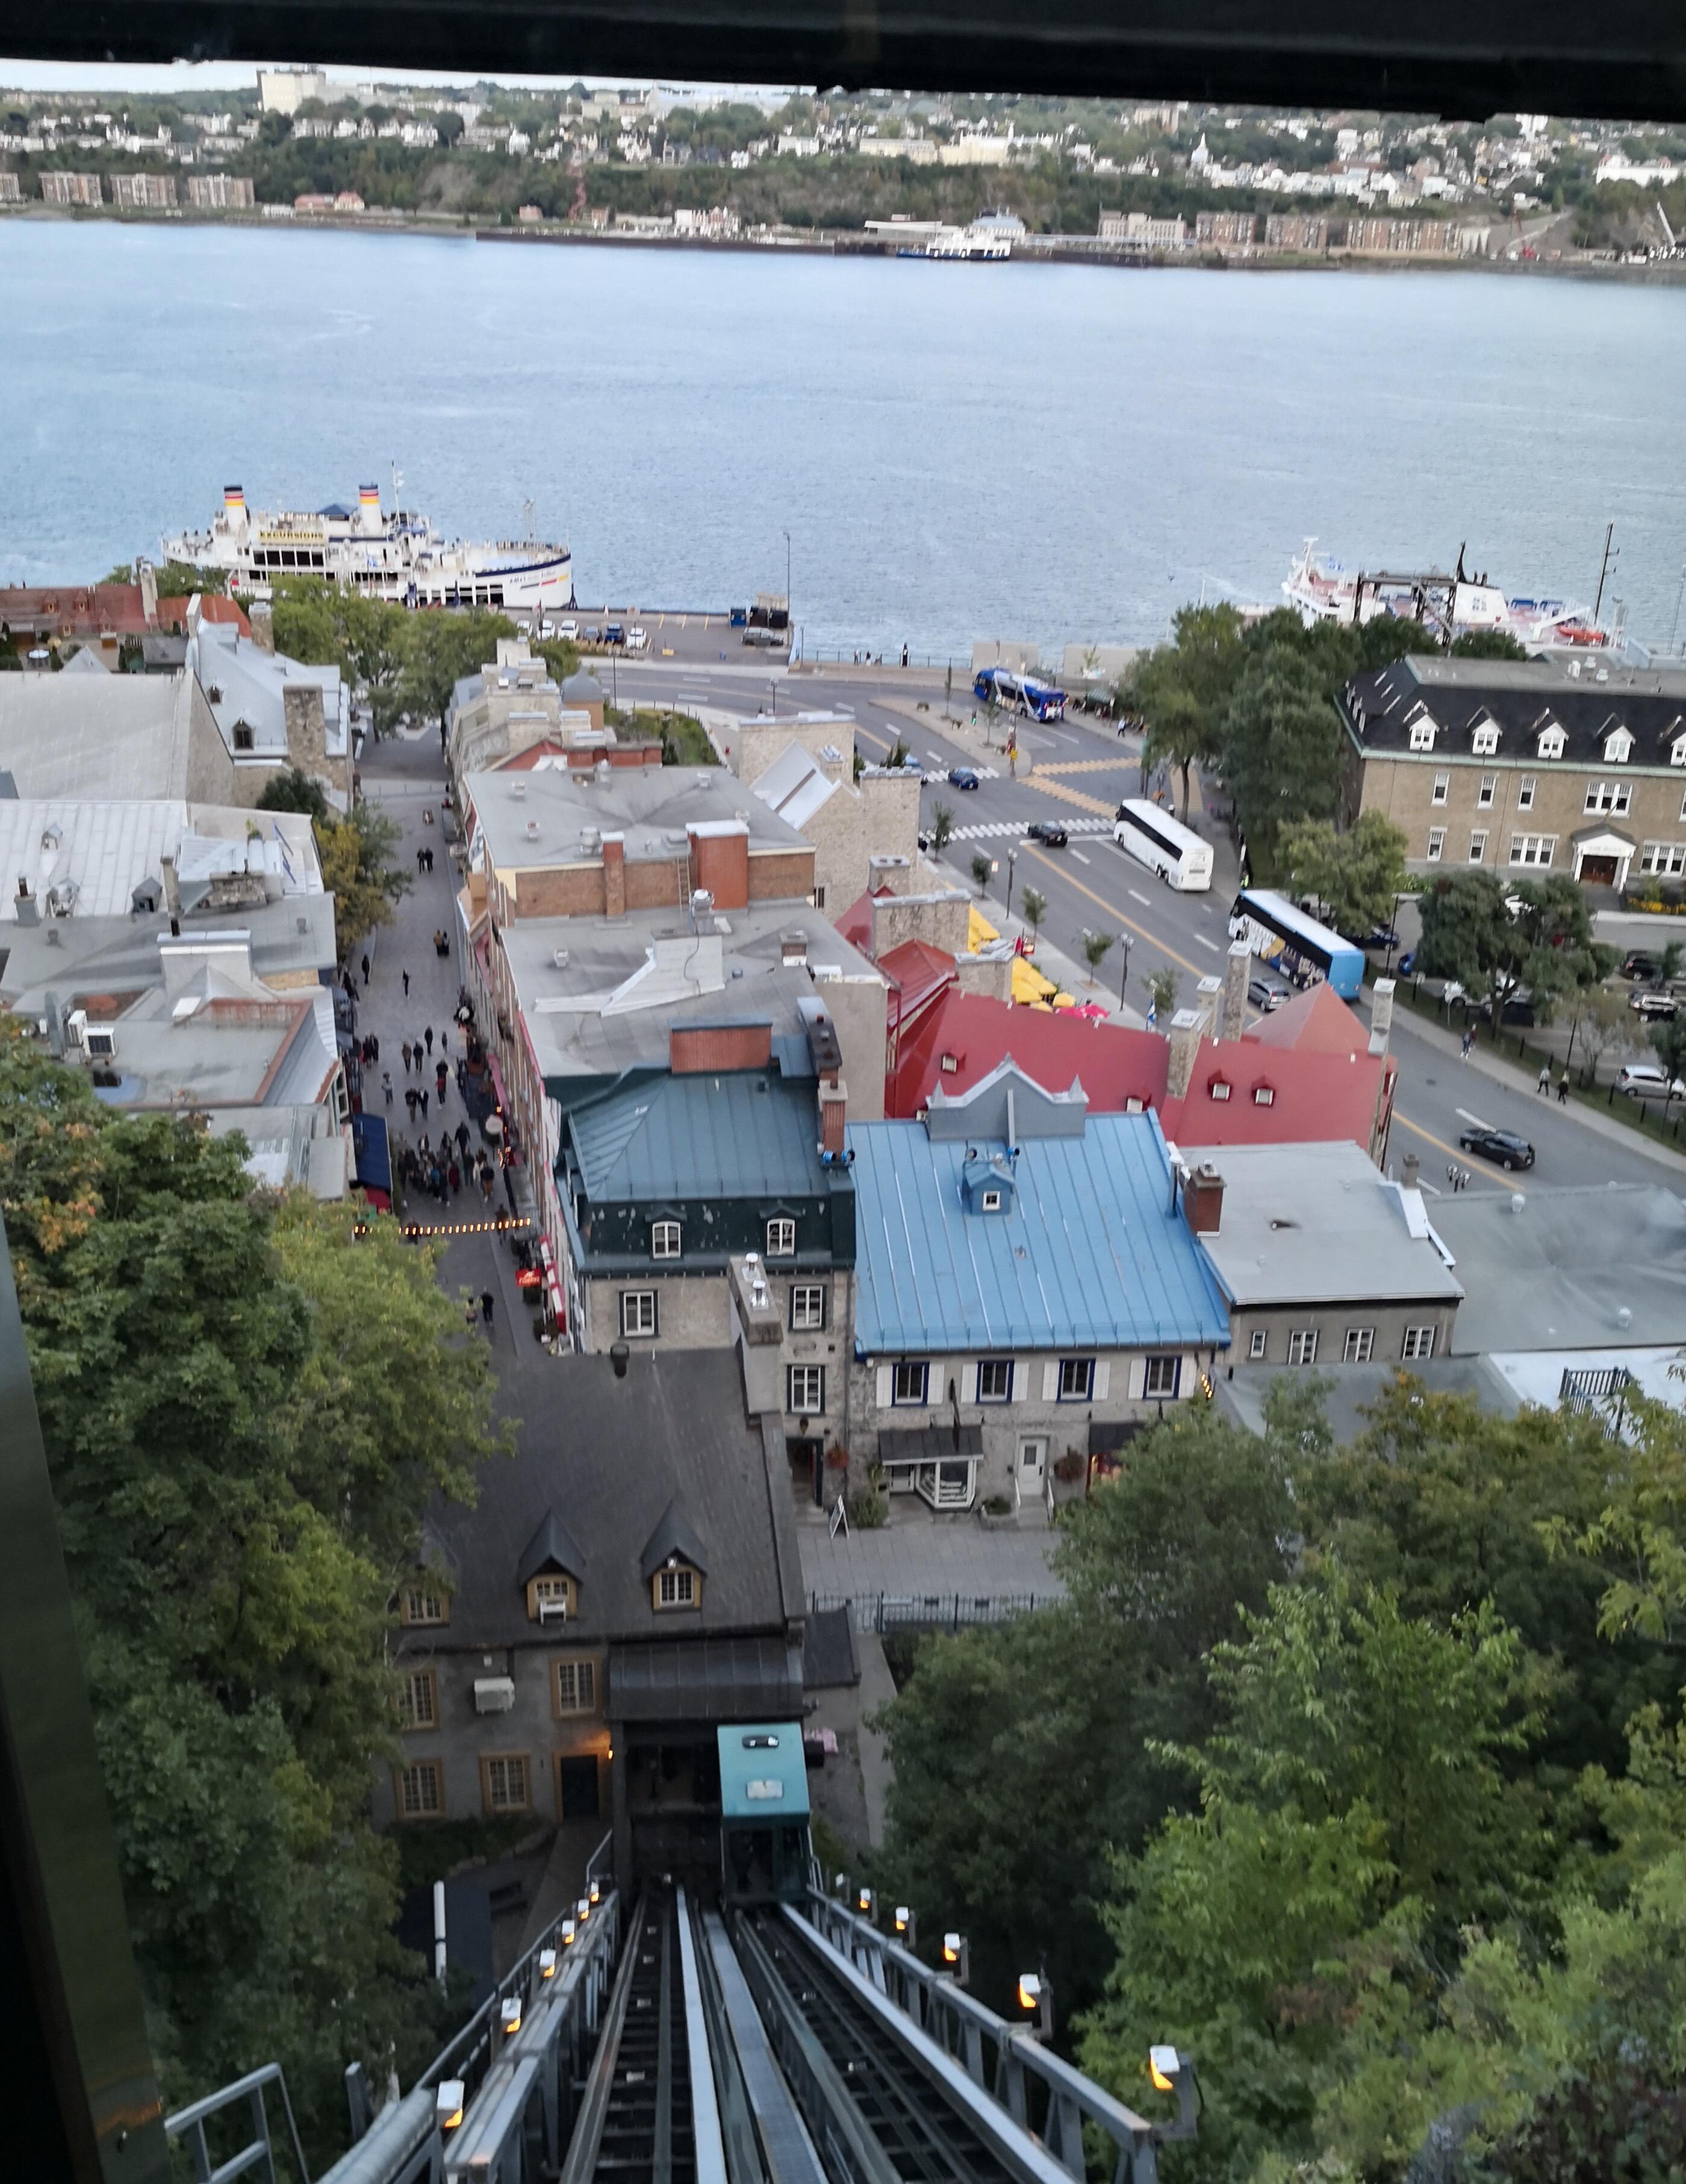 ケベックシティ観光おすすめフニキュレール乗り場